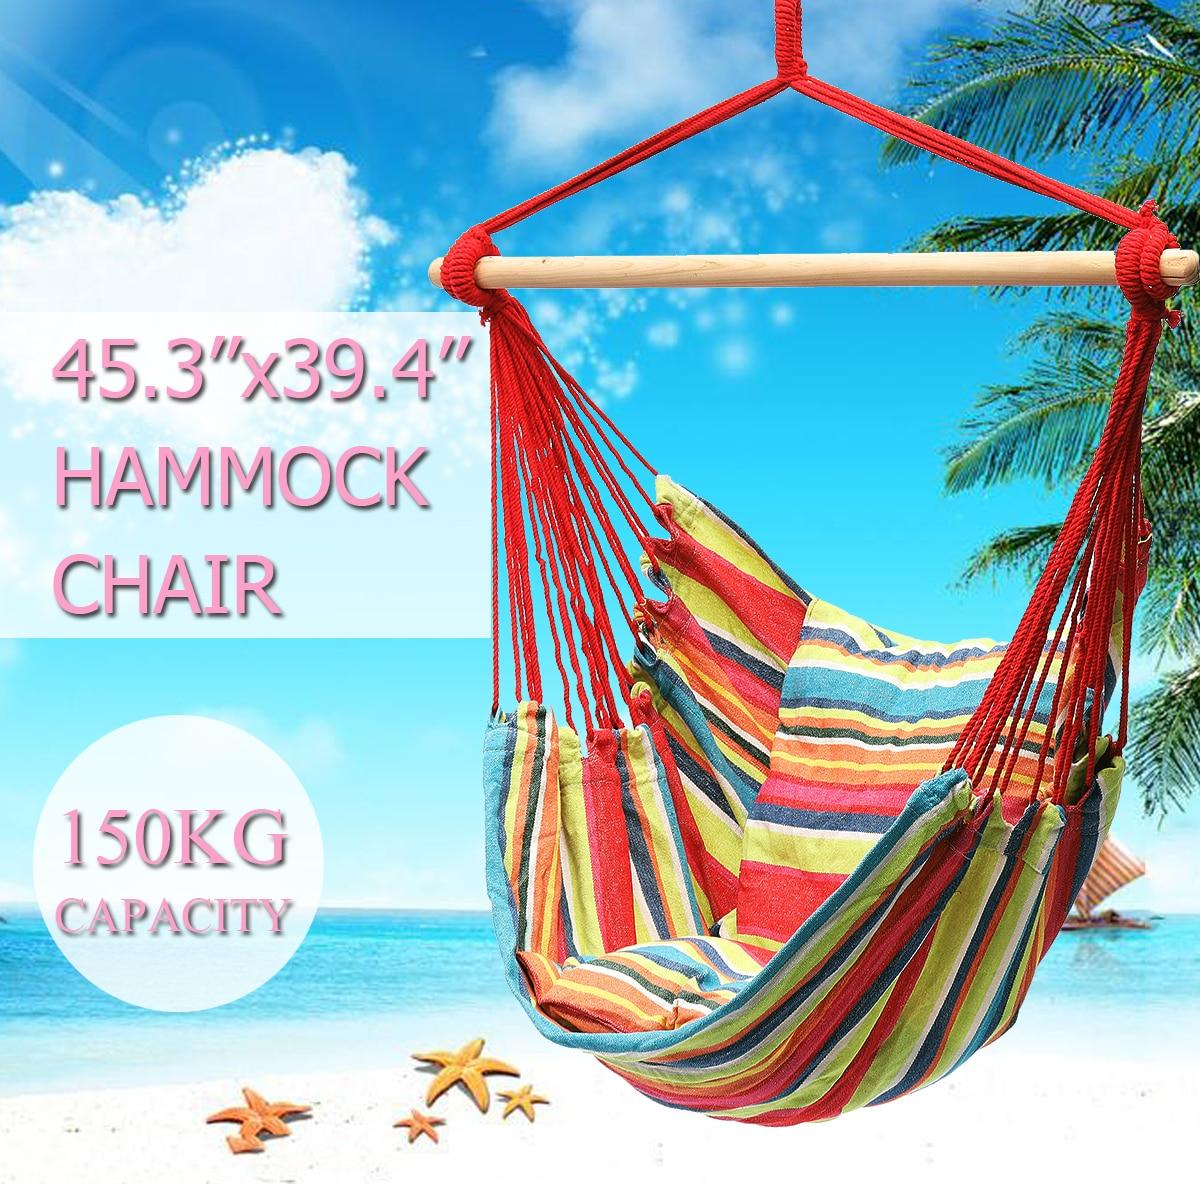 Hamacs suspendus de sécurité chaise meubles d'intérieur d'extérieur chaise oscillante toile dortoir balançoire de jardin + 2 oreillers hamac Camping